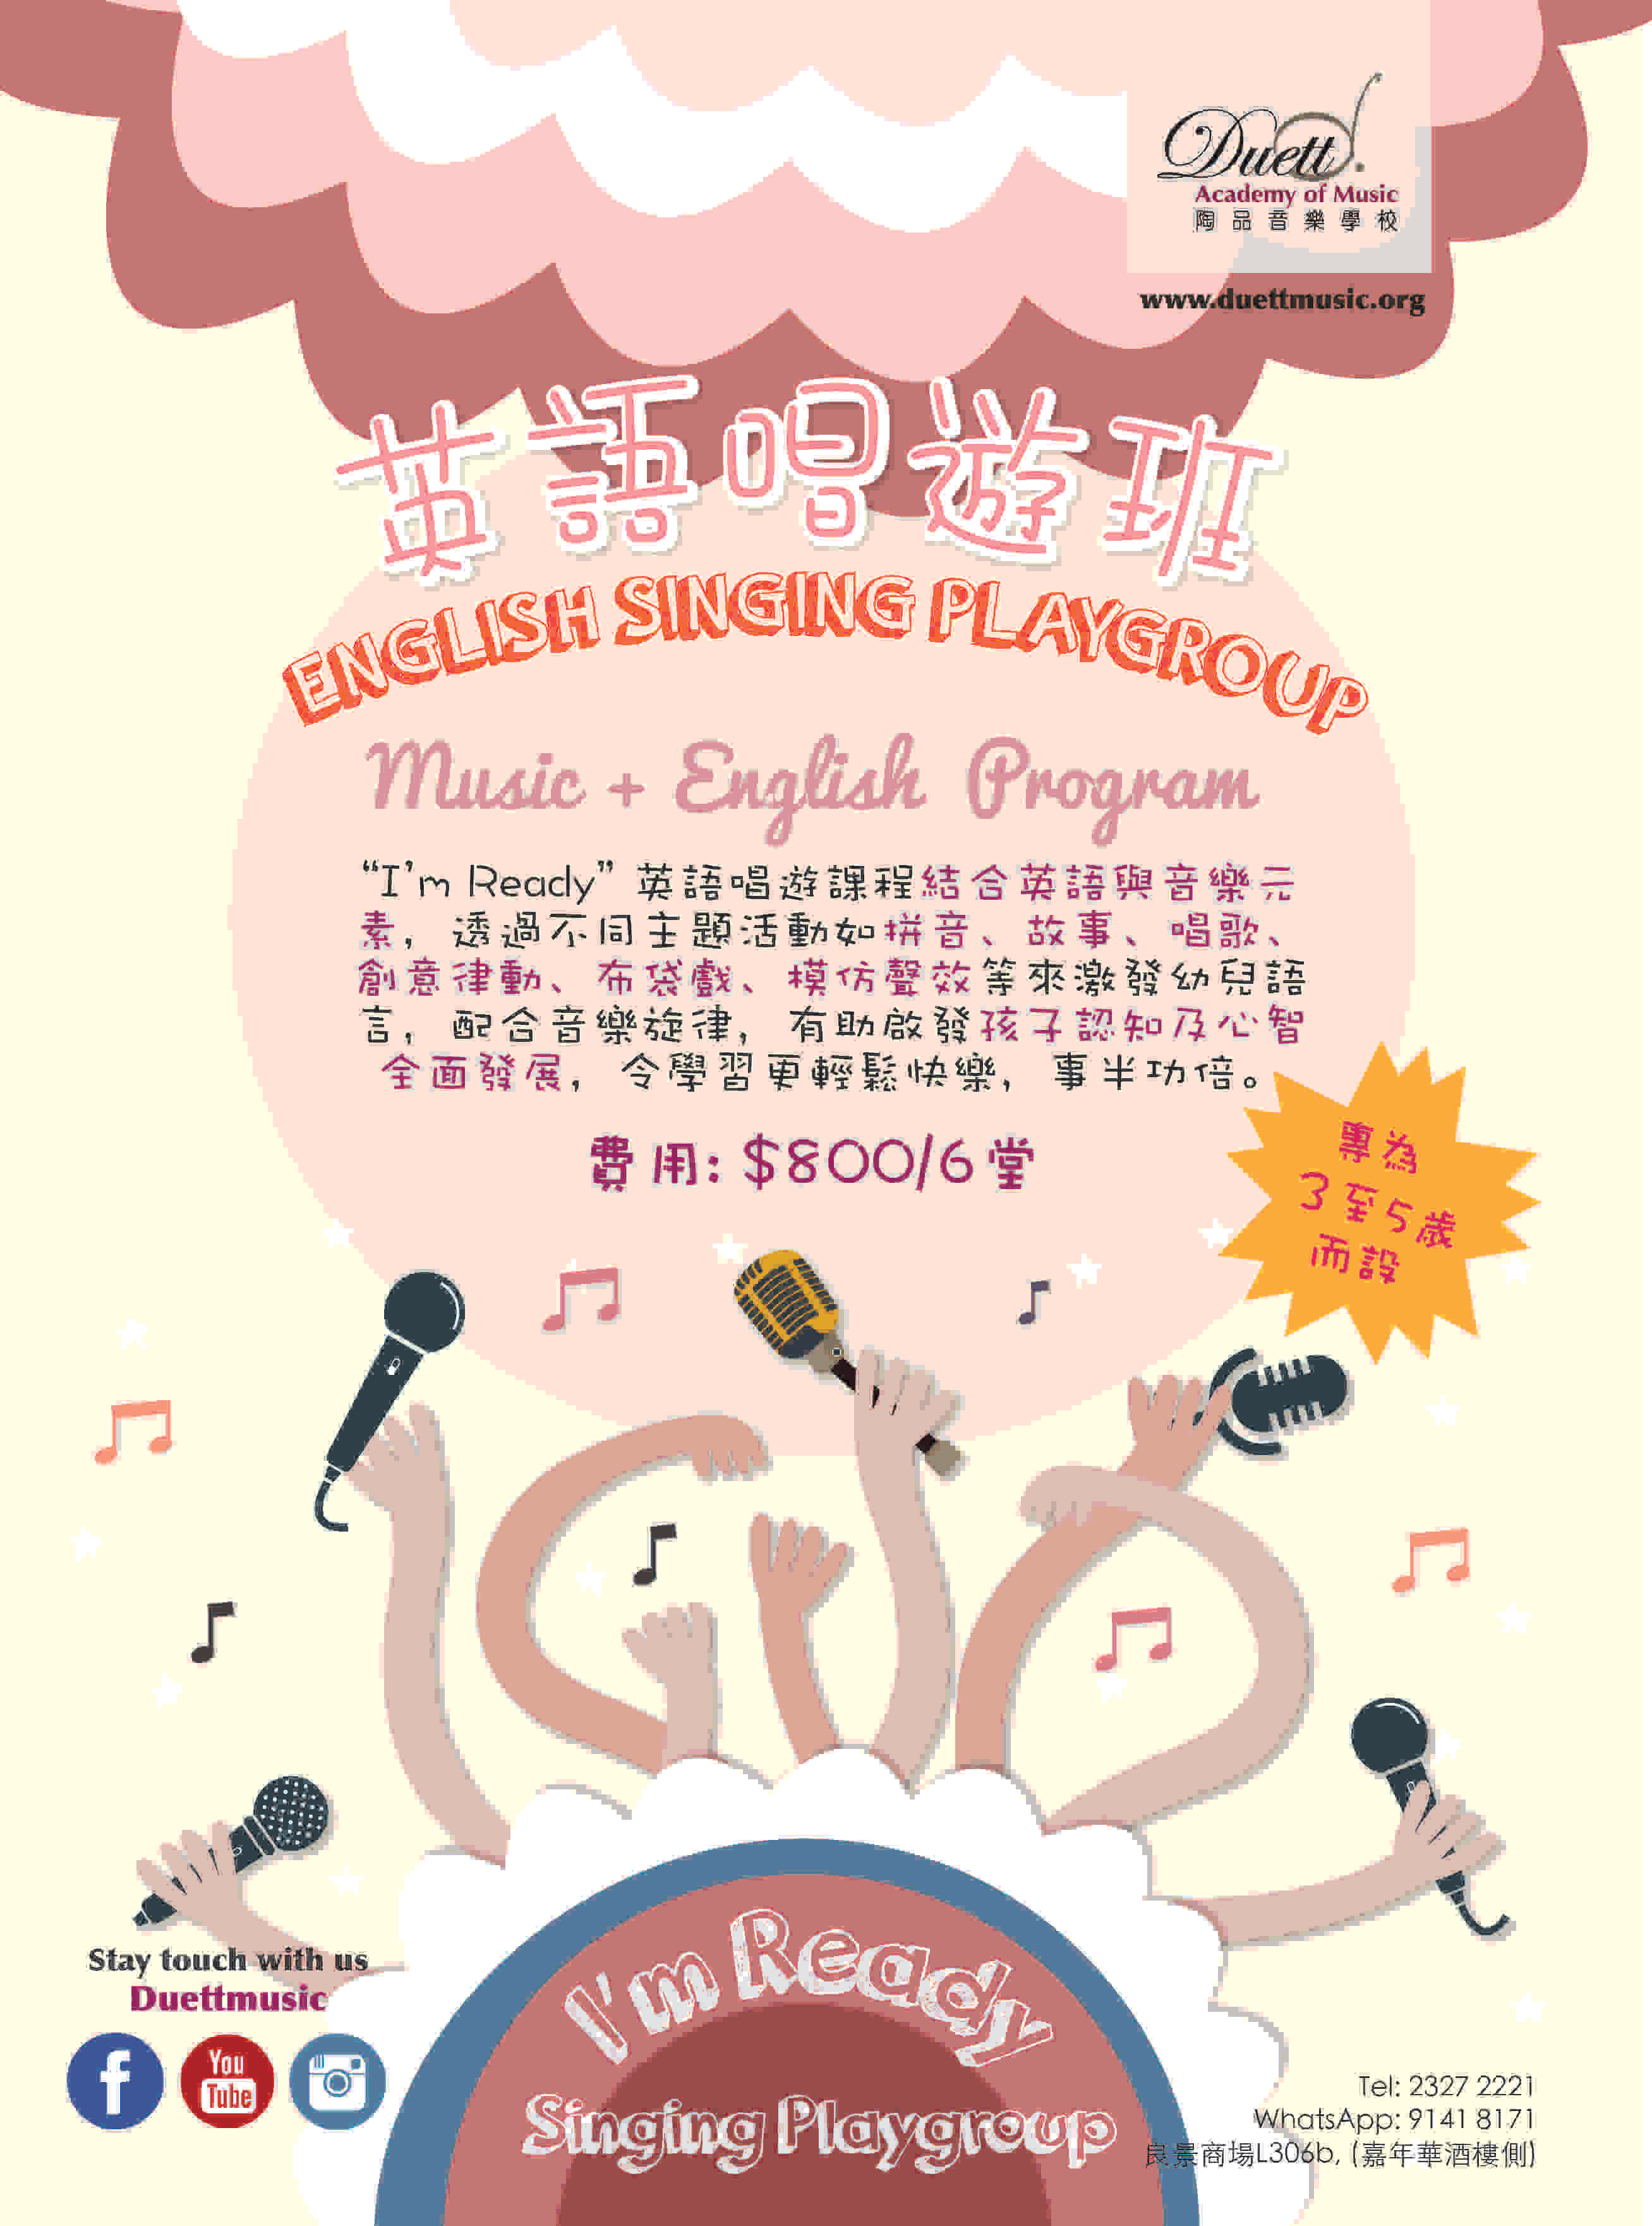 I'm ready Singing English Playgroup